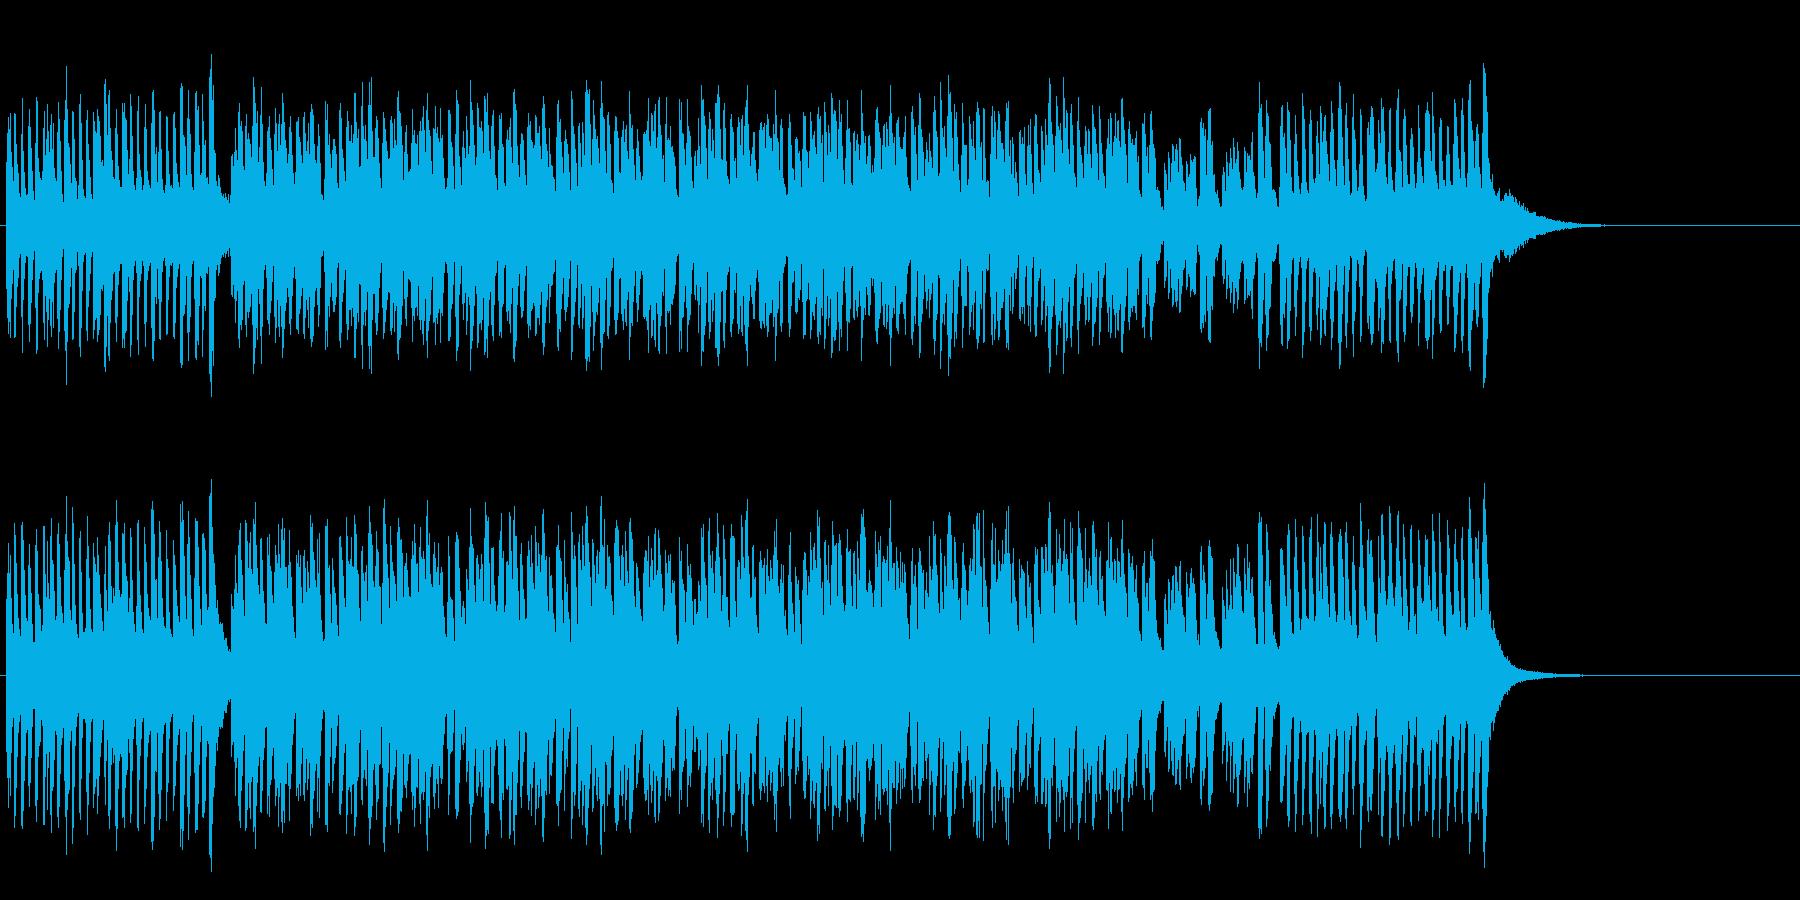 ユーモラスな中華コミカルポップの再生済みの波形